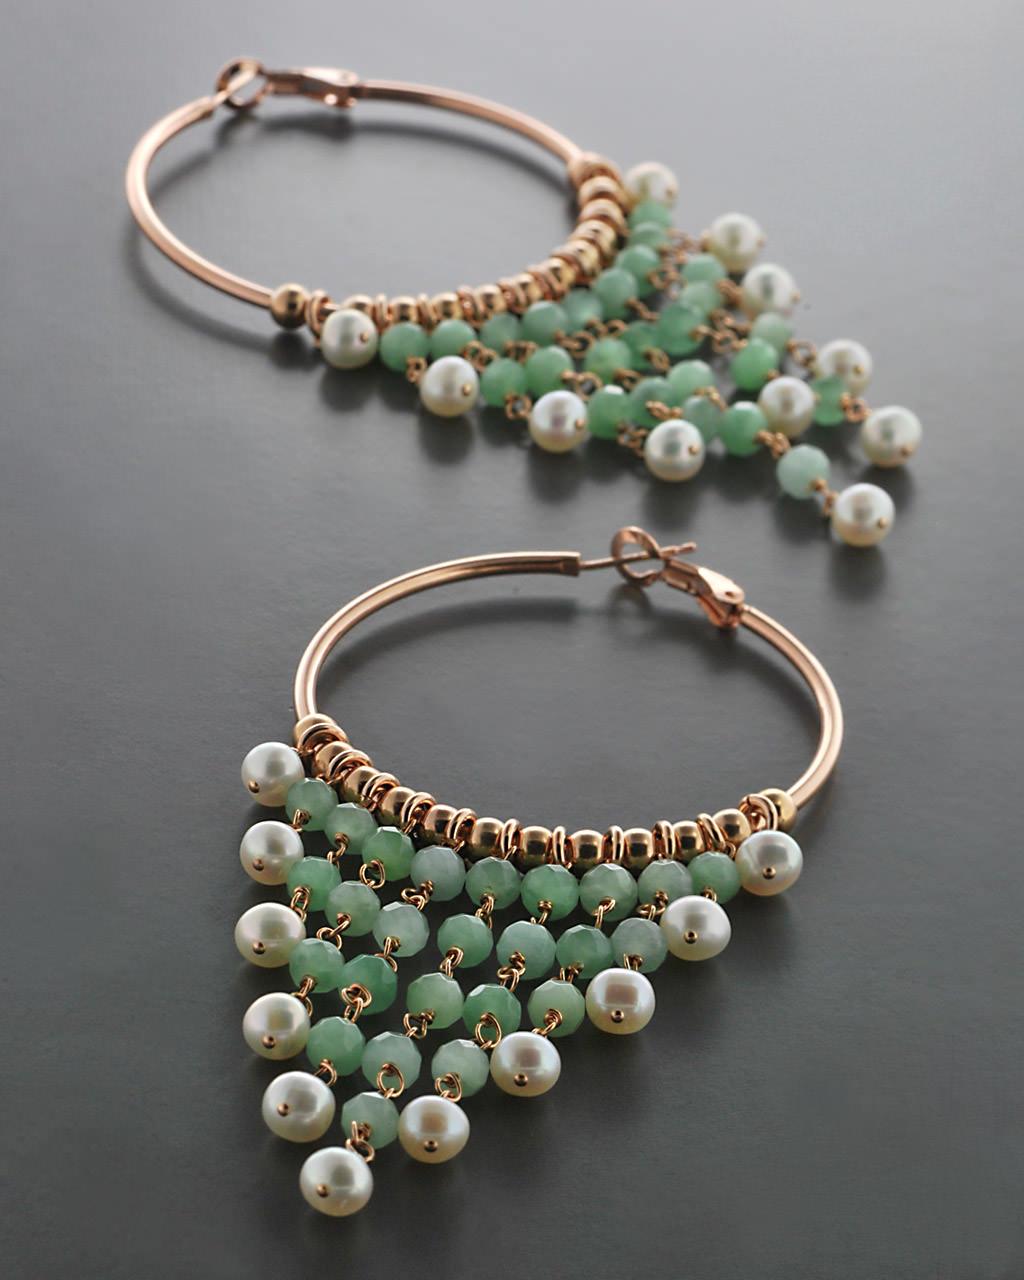 Σκουλαρίκια Κρίκοι ασημένια 925 με Μαργαριτάρια & Νεφρίτη   γυναικα σκουλαρίκια σκουλαρίκια ασημένια